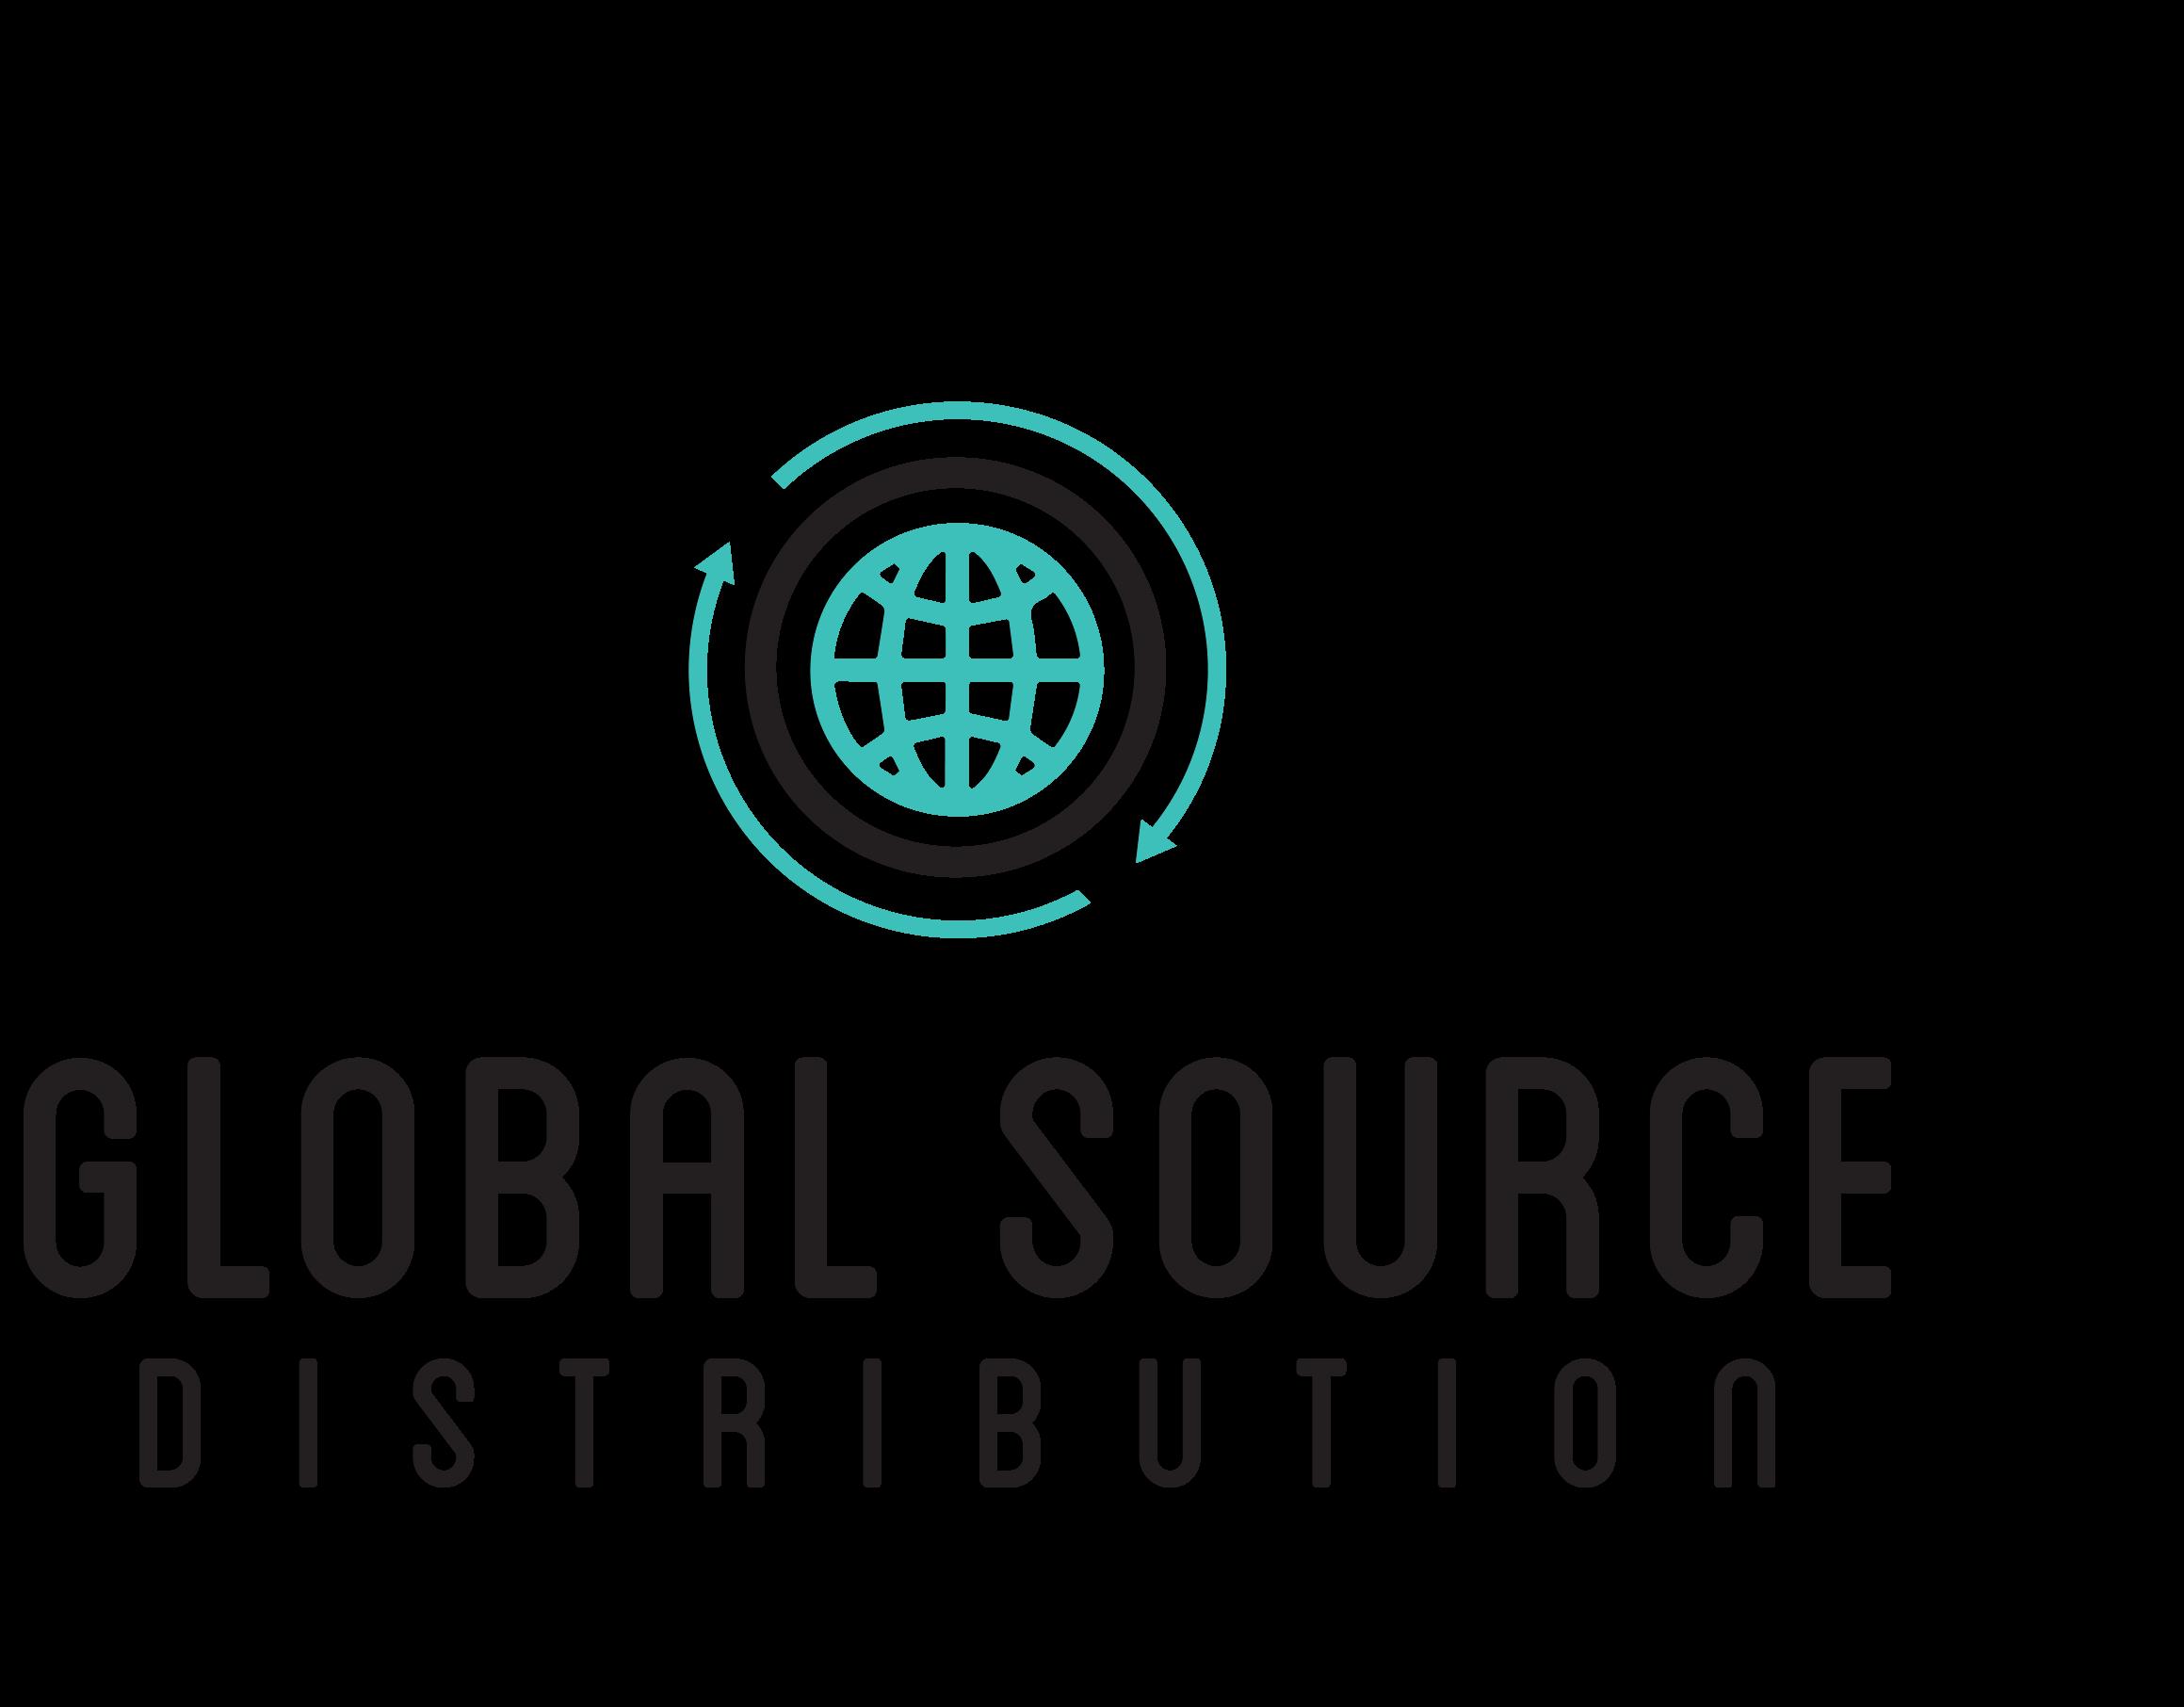 Global Source Distribution